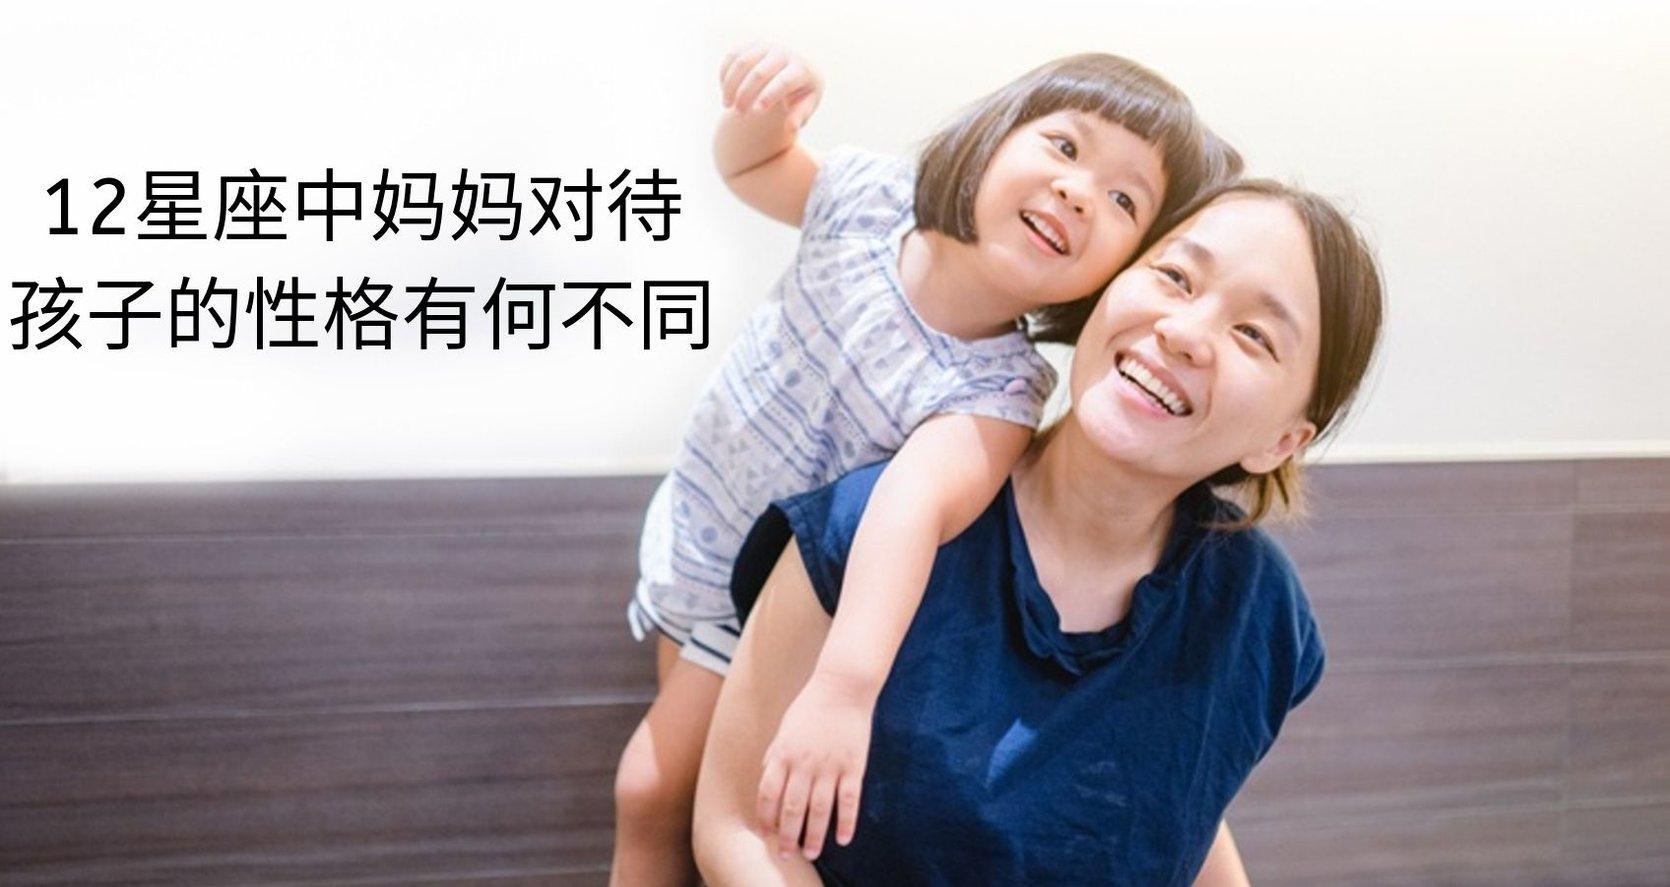 Horoscope-parent